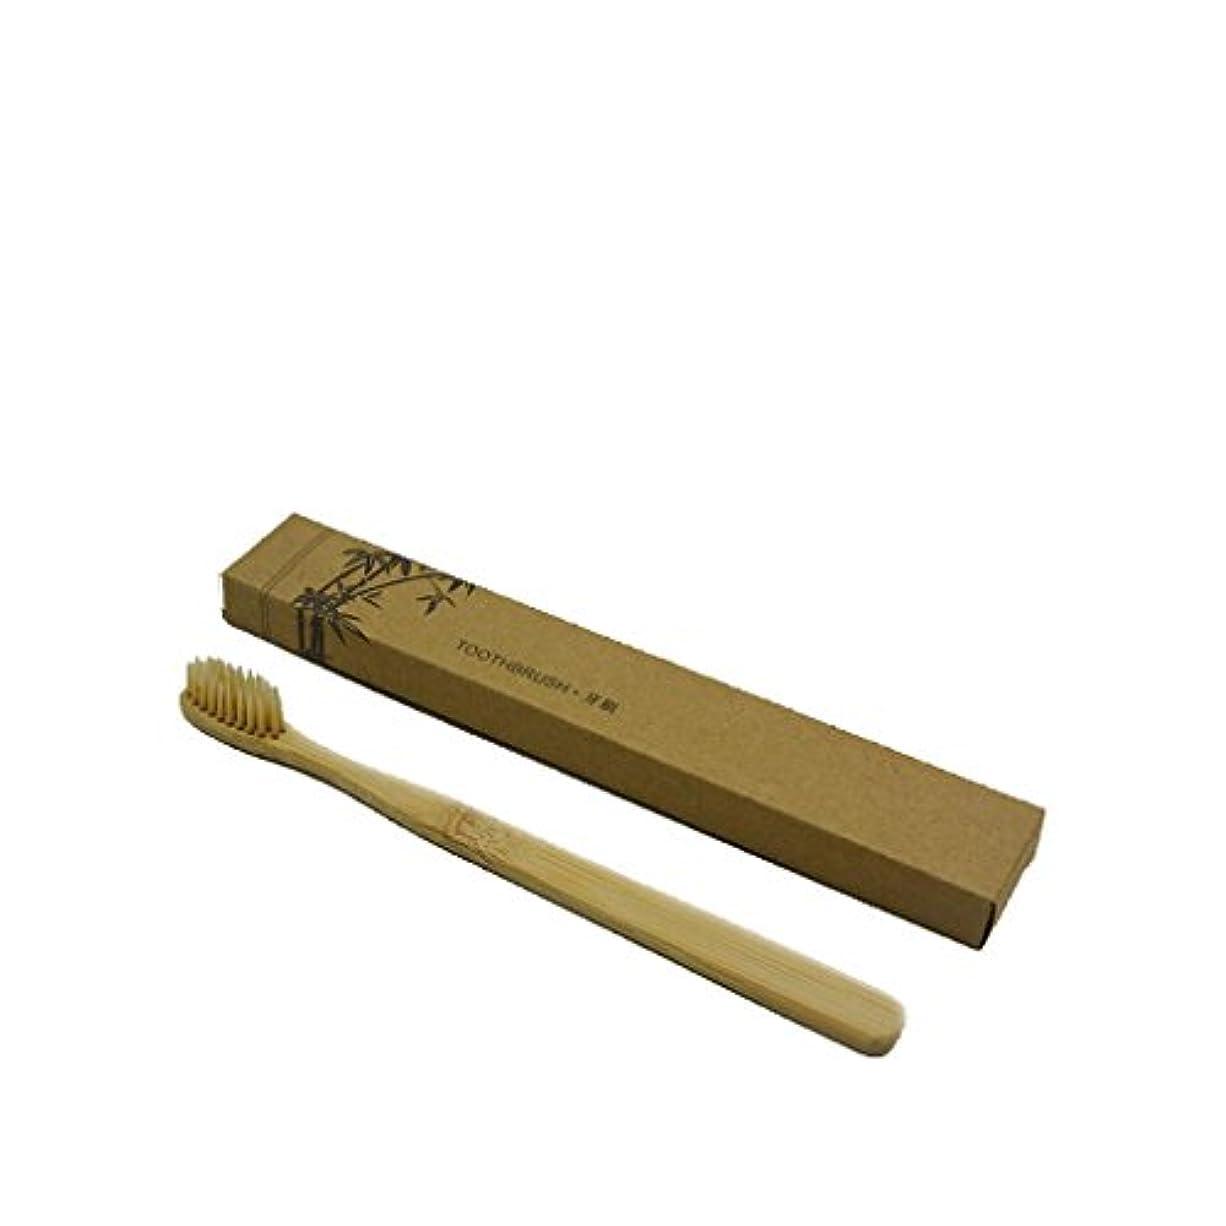 結果オペラクラシカルTopFires 竹製歯ブラシ ミディアム及びソフト、生分解性、ビーガン、バイオ、エコ、持続可能な木製ハンドル、ホワイトニング 歯 竹歯ブラシ